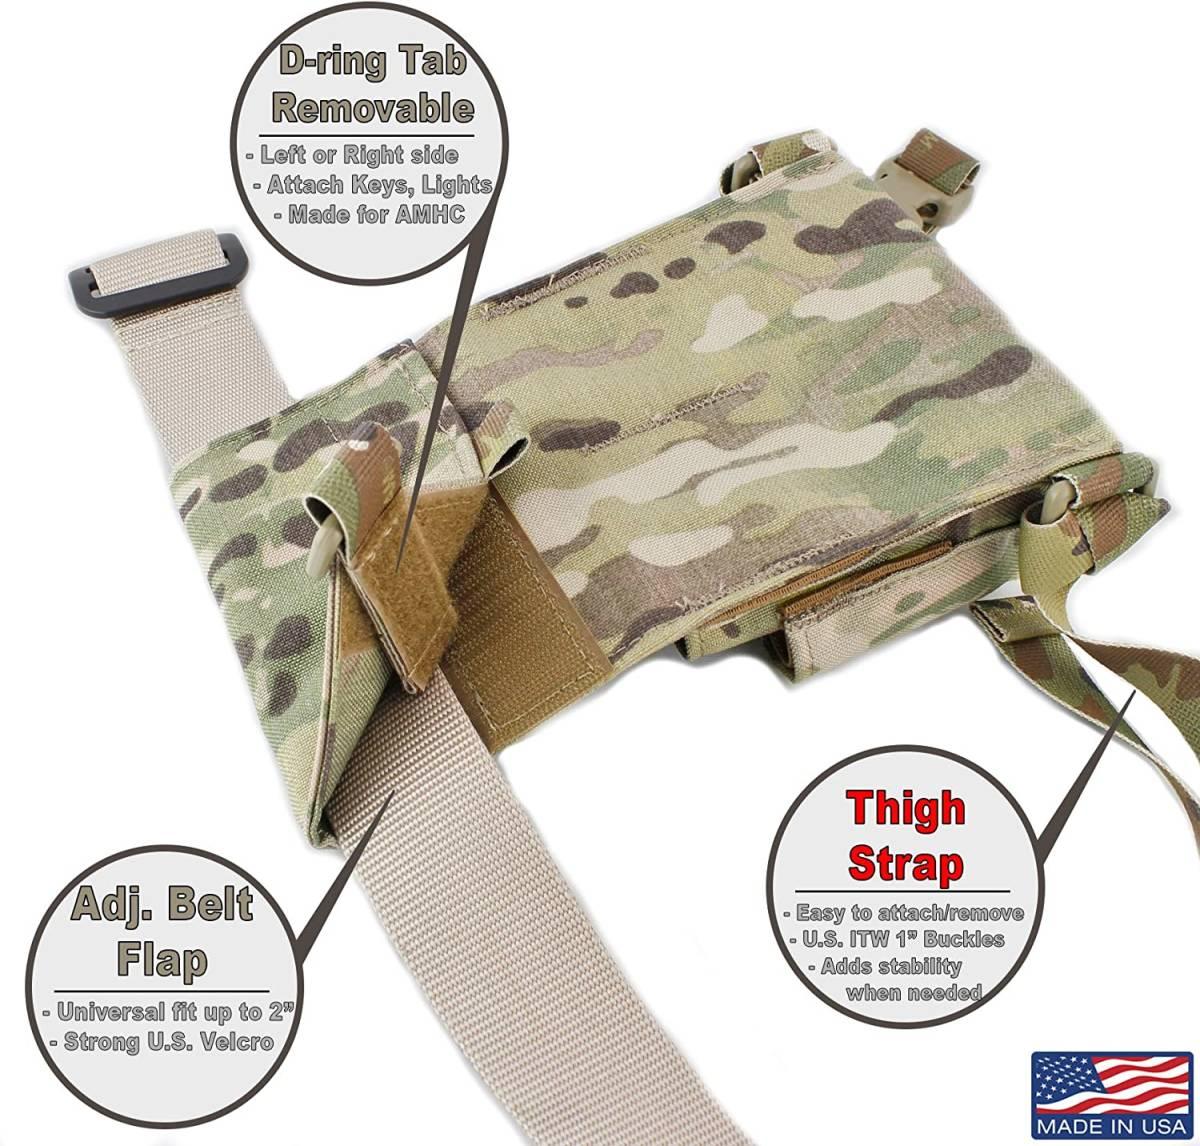 激レア 実物 USTS Adaptive Range Caddy 米軍 特殊部隊 タクティカル マガジン ポーチ ホルスター CRYE EAGLE LBT HSGI_画像6